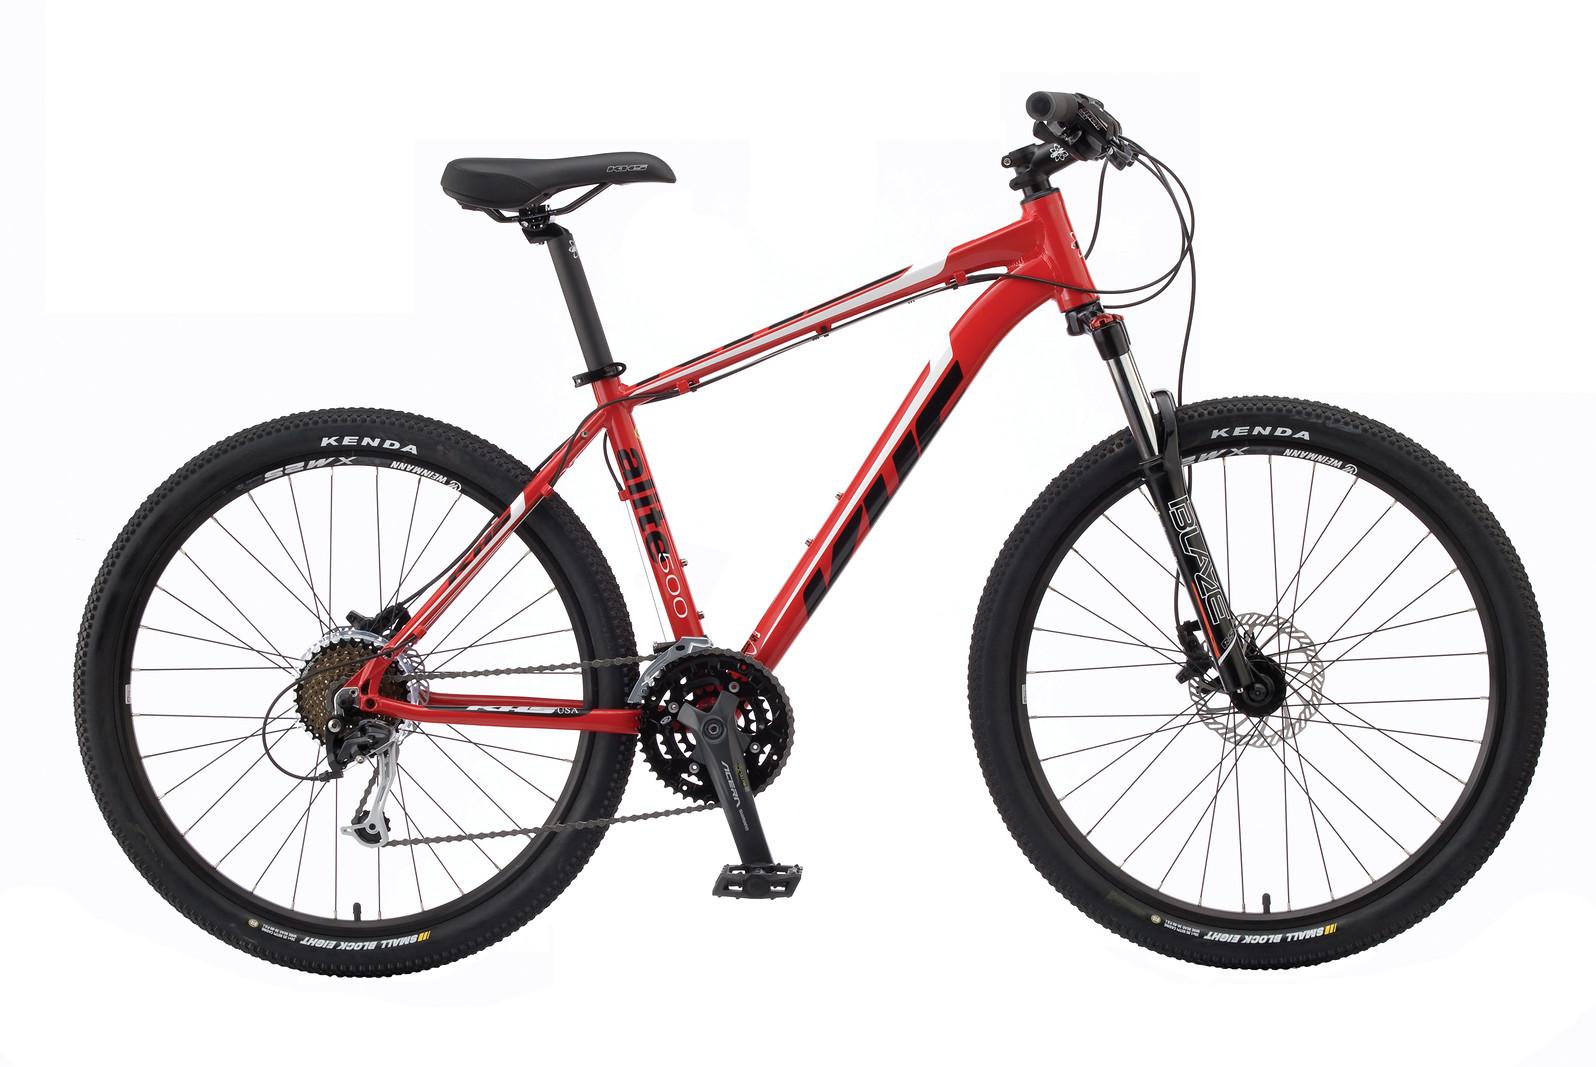 2013 KHS Alite 500 Bike 2013 Alite 500 - Red